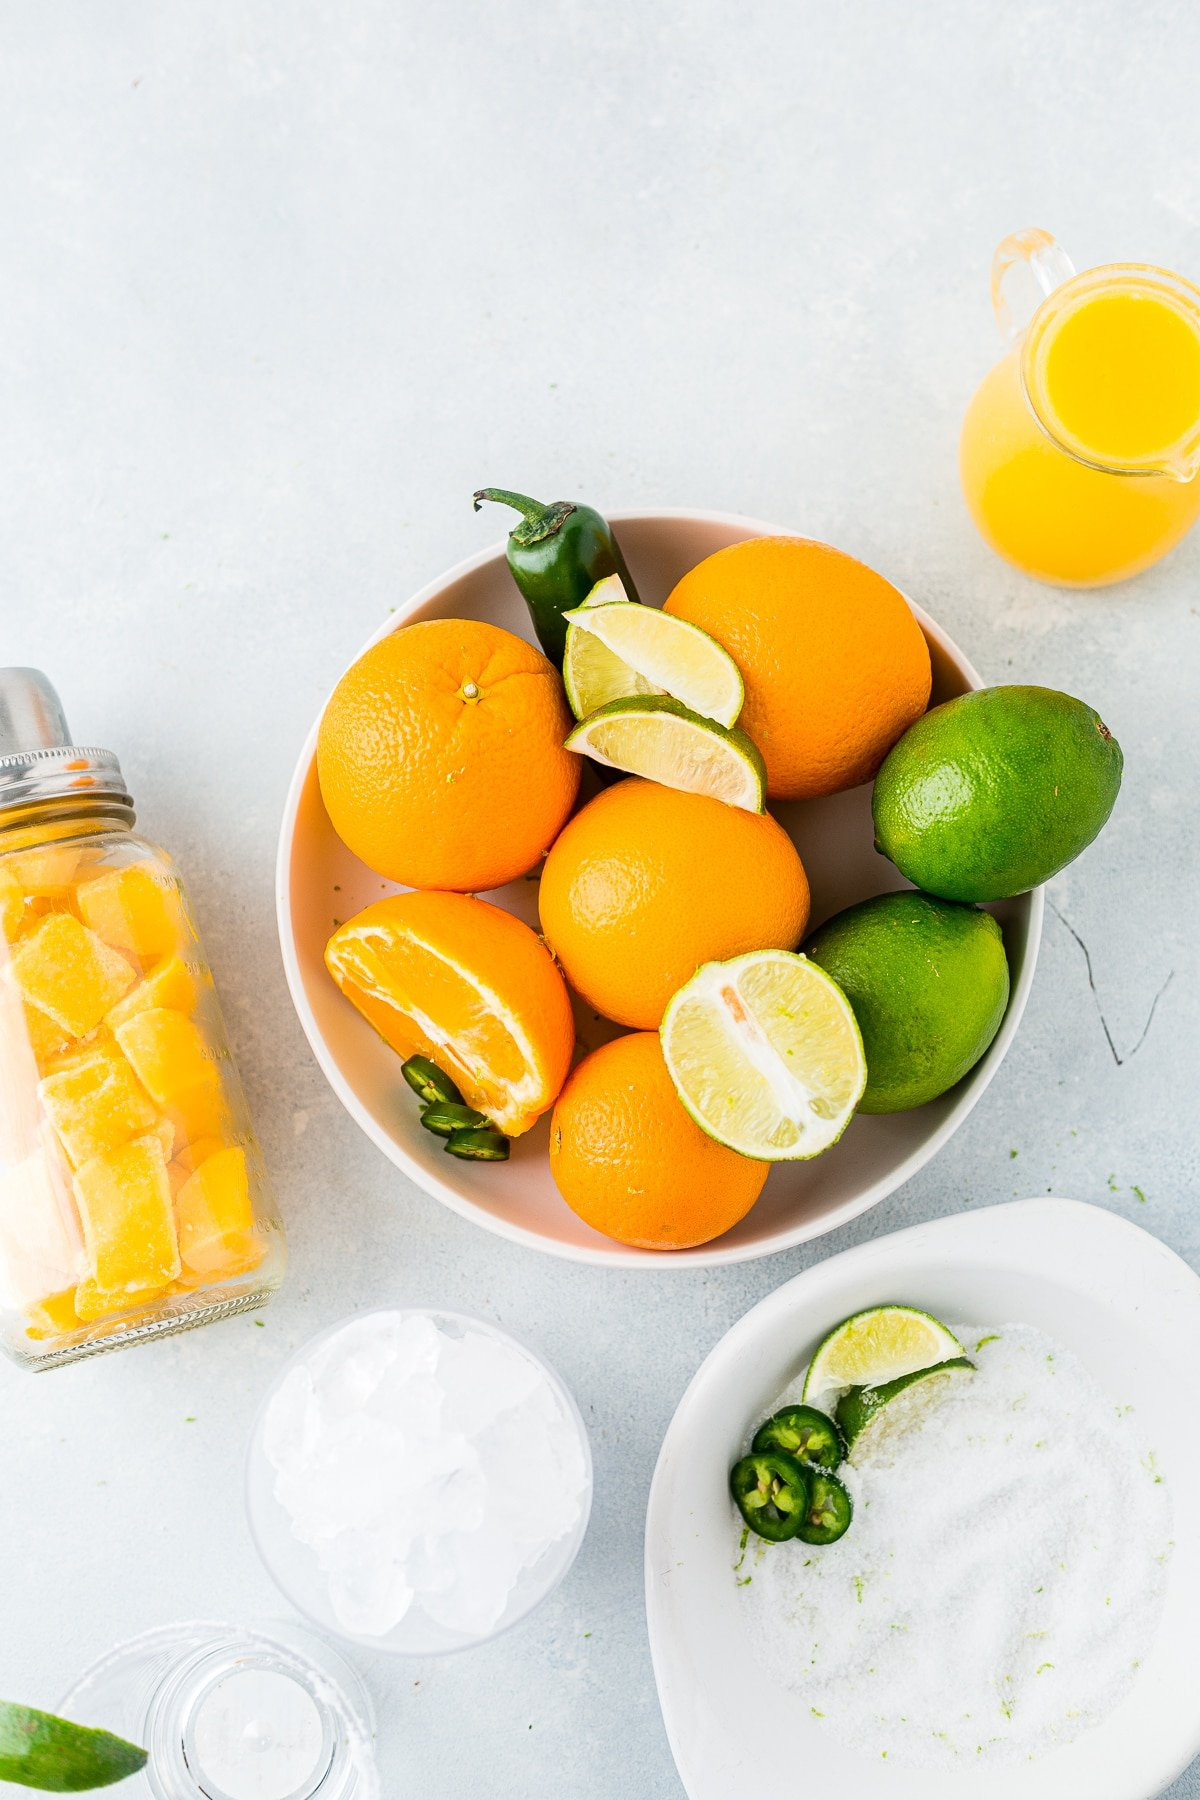 mango margarita ingredients